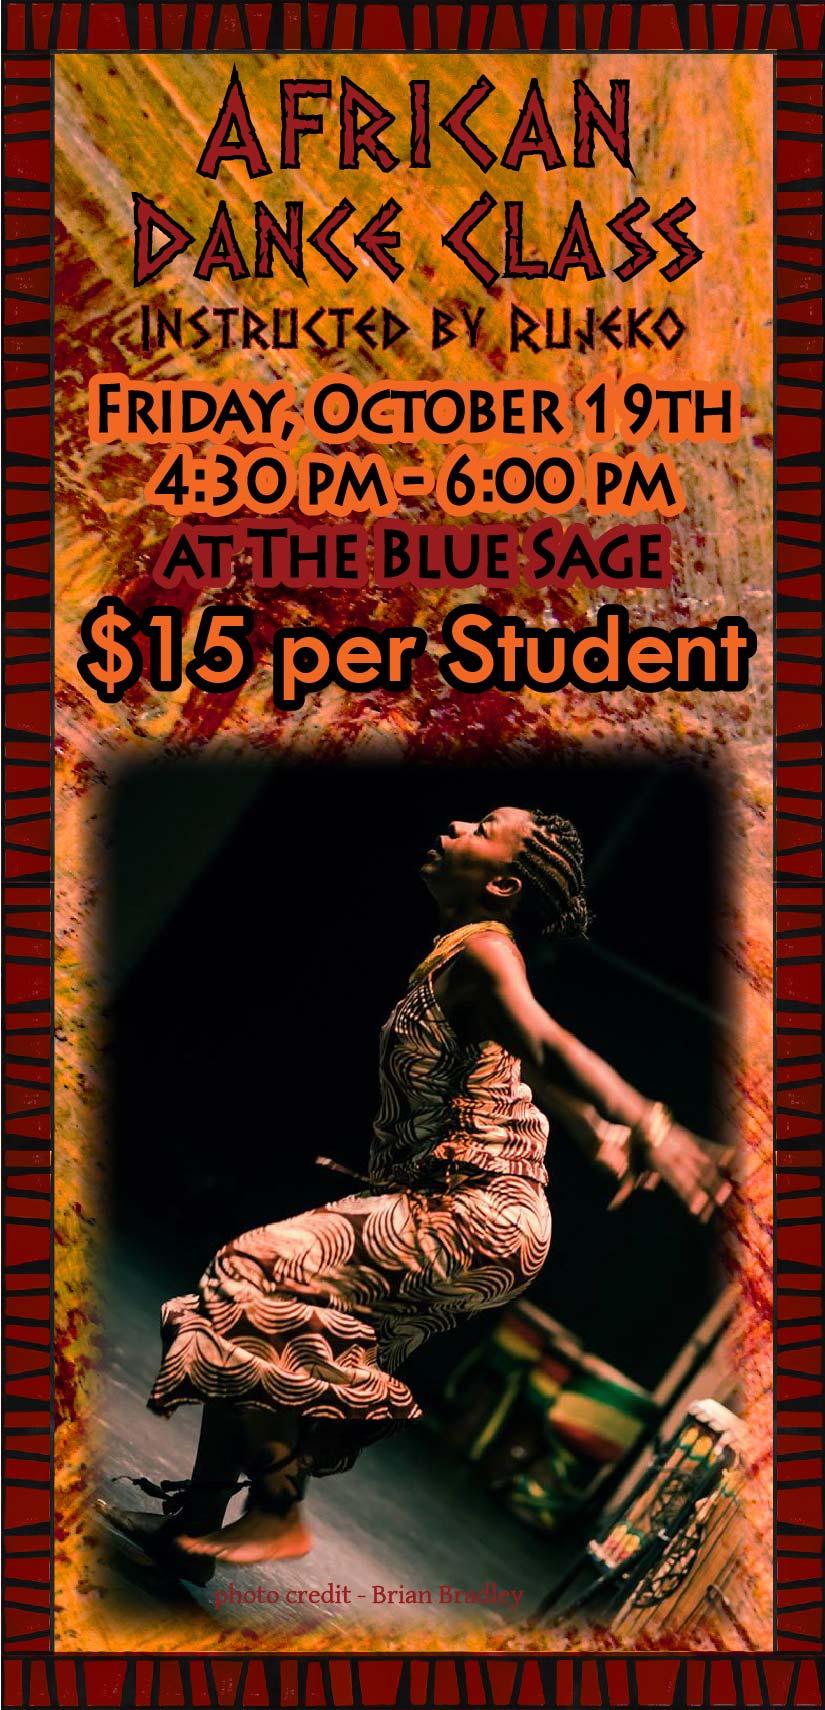 African Dance Class poster